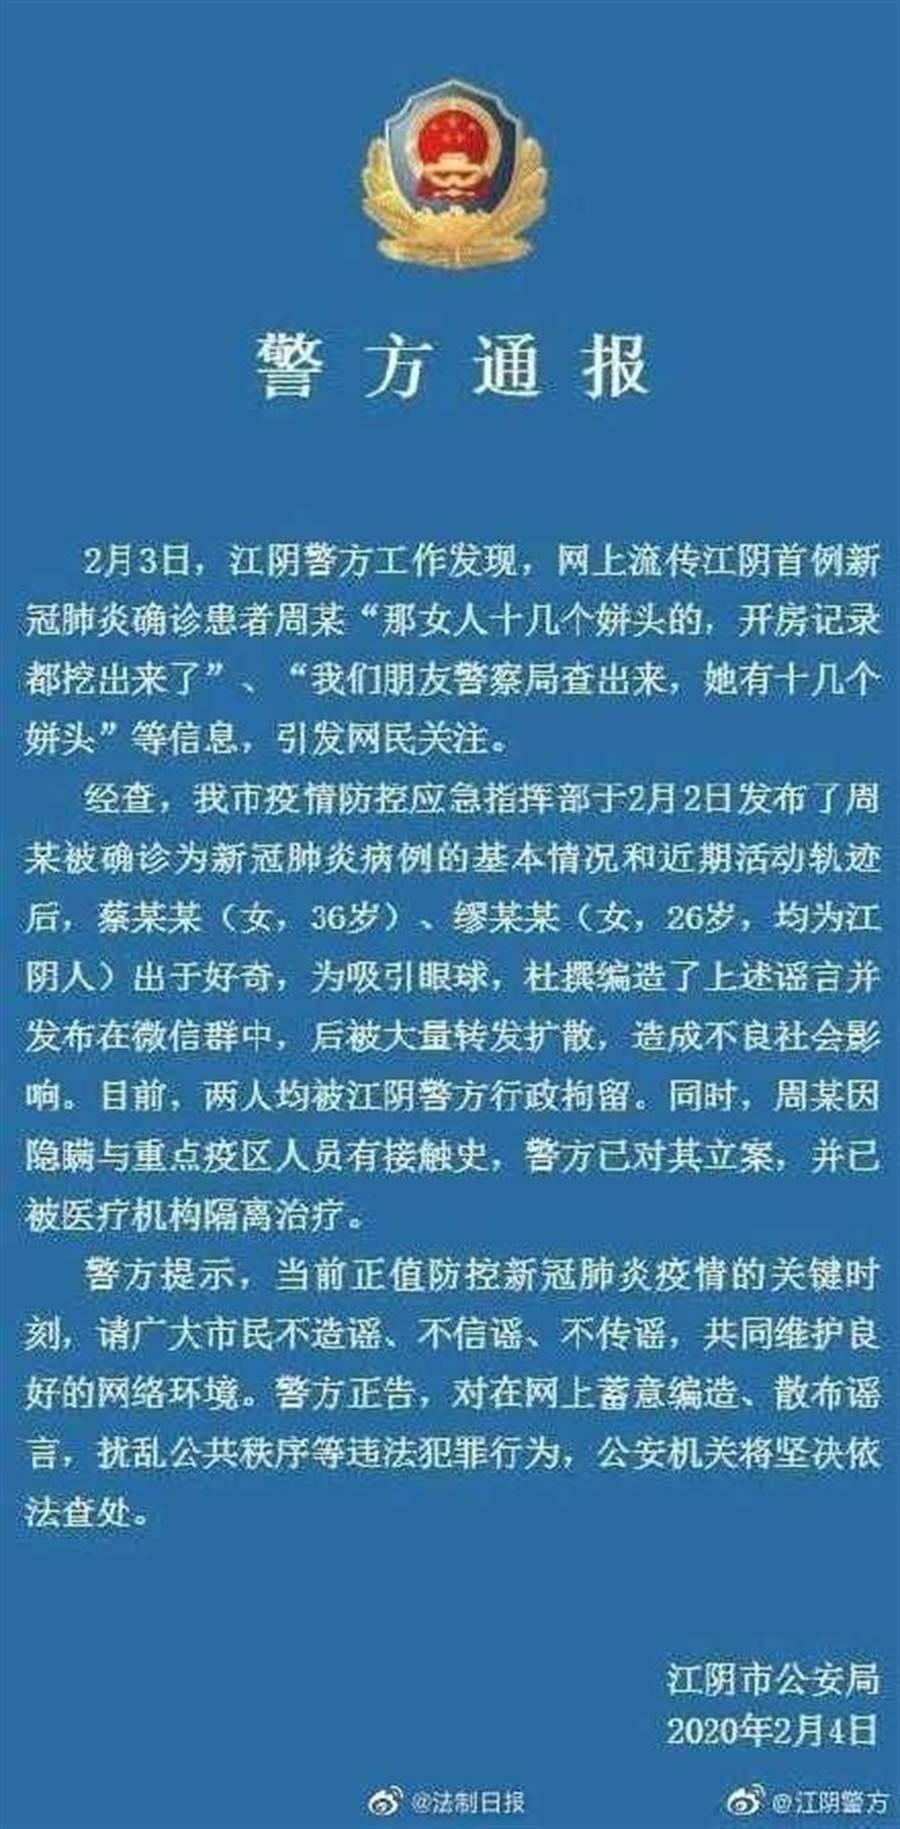 (圖/翻攝江蘇省江陰市公安局微博)